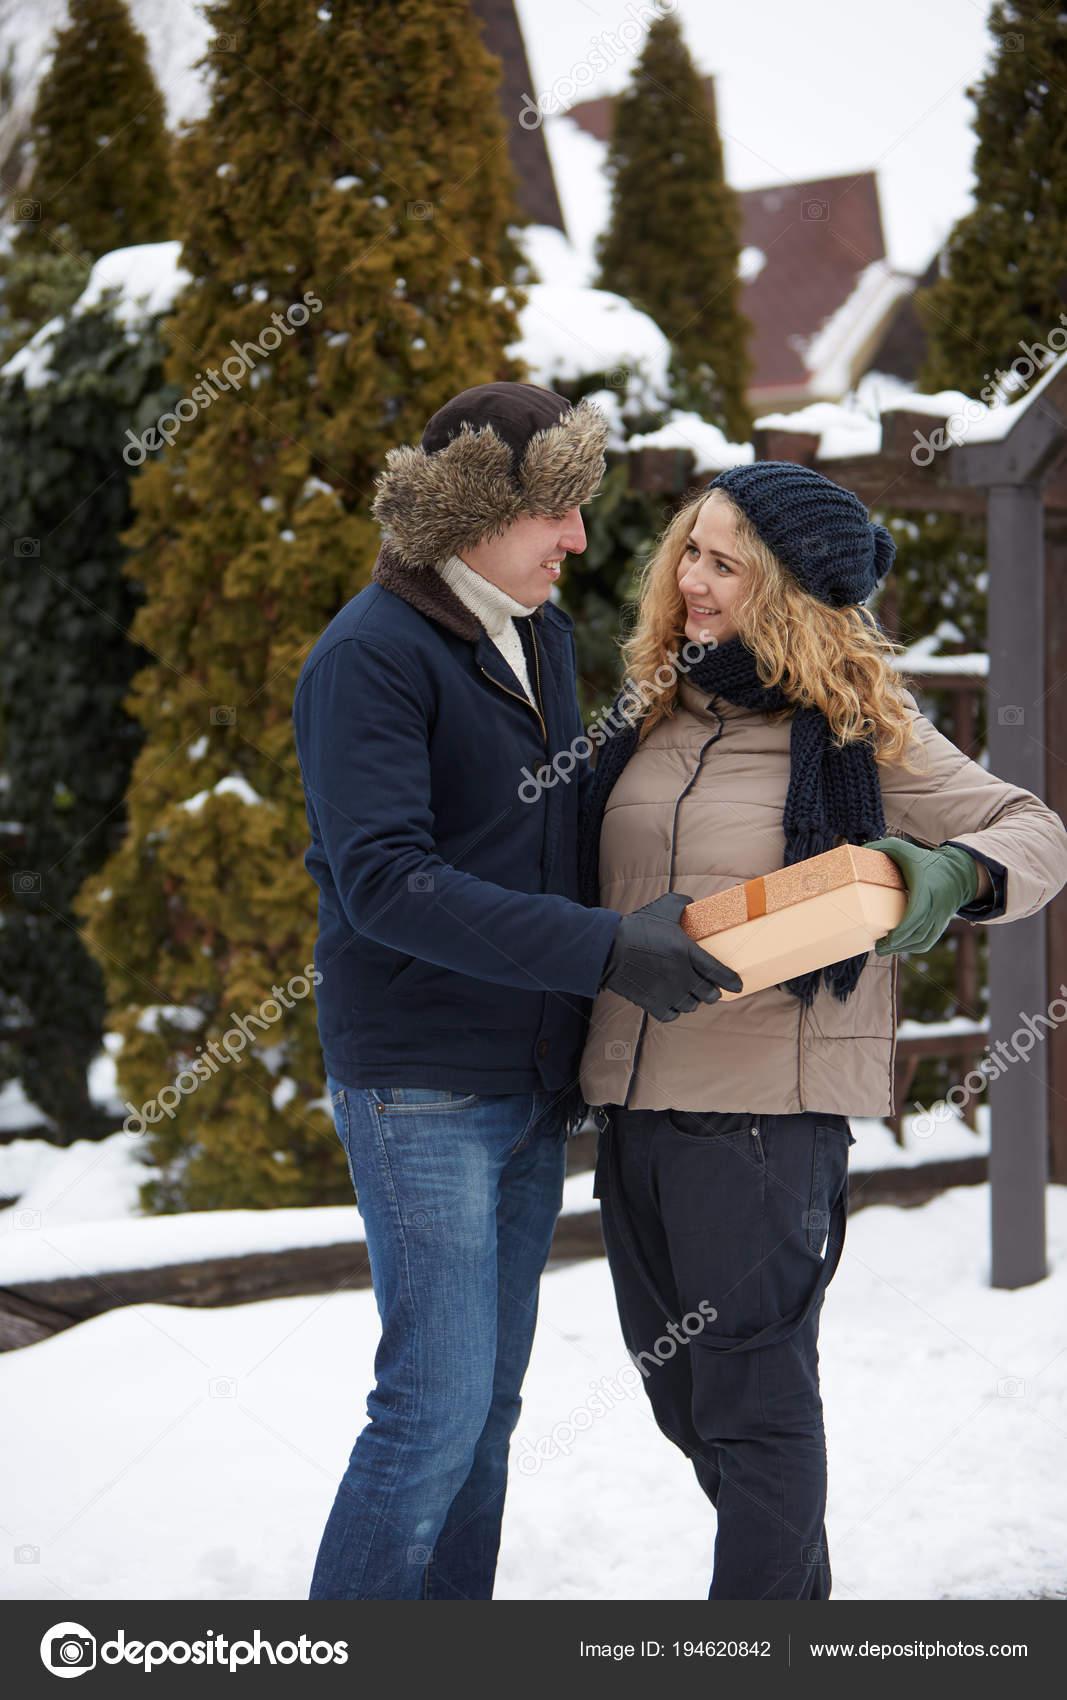 freundin dating